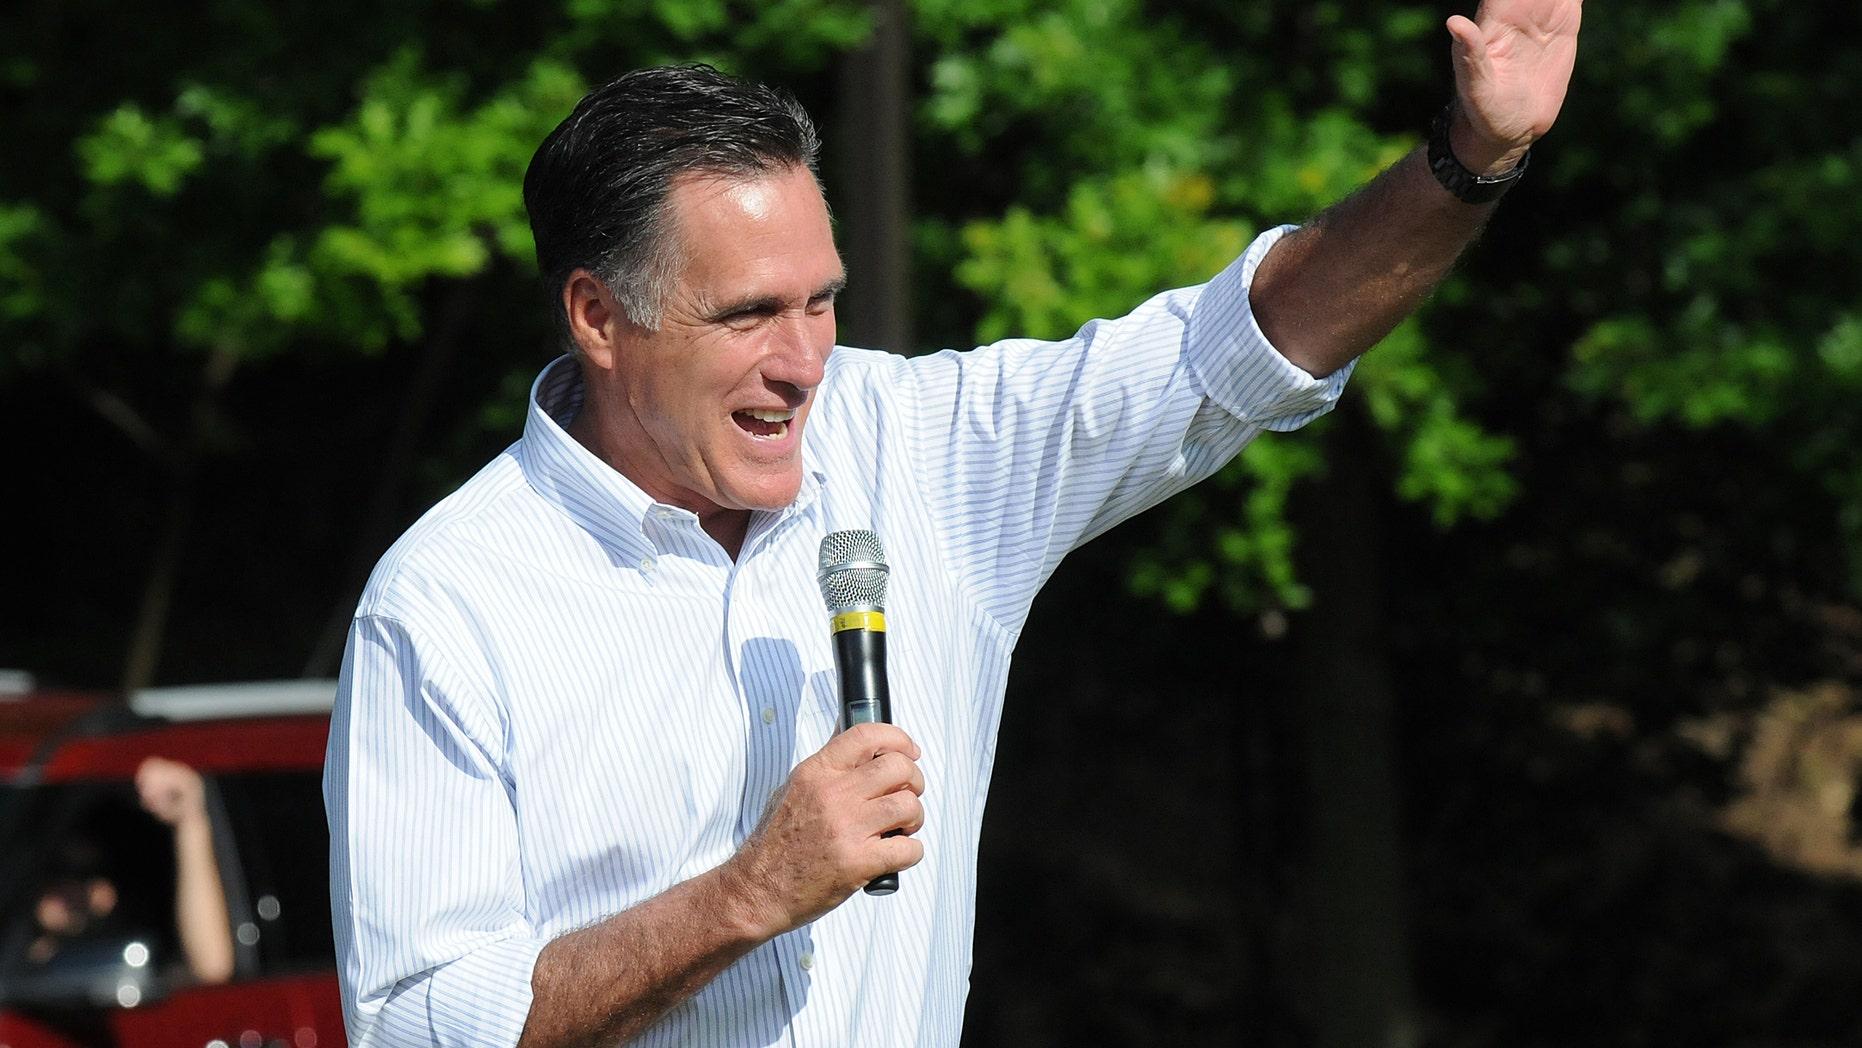 El aspirante presidencial republicano Mitt Romney saluda a simpatizantes durante un acto de campaña en Cornwall, Pensilvania, el sábado 16 de junio de 2012. En declaraciones a la cadena CBS, Romney declinó el domingo 17 responder si anularía la nueva política de inmigración del presidente Barack Obama. (Foto AP/Lebanon Daily News, Earl Brightbill)